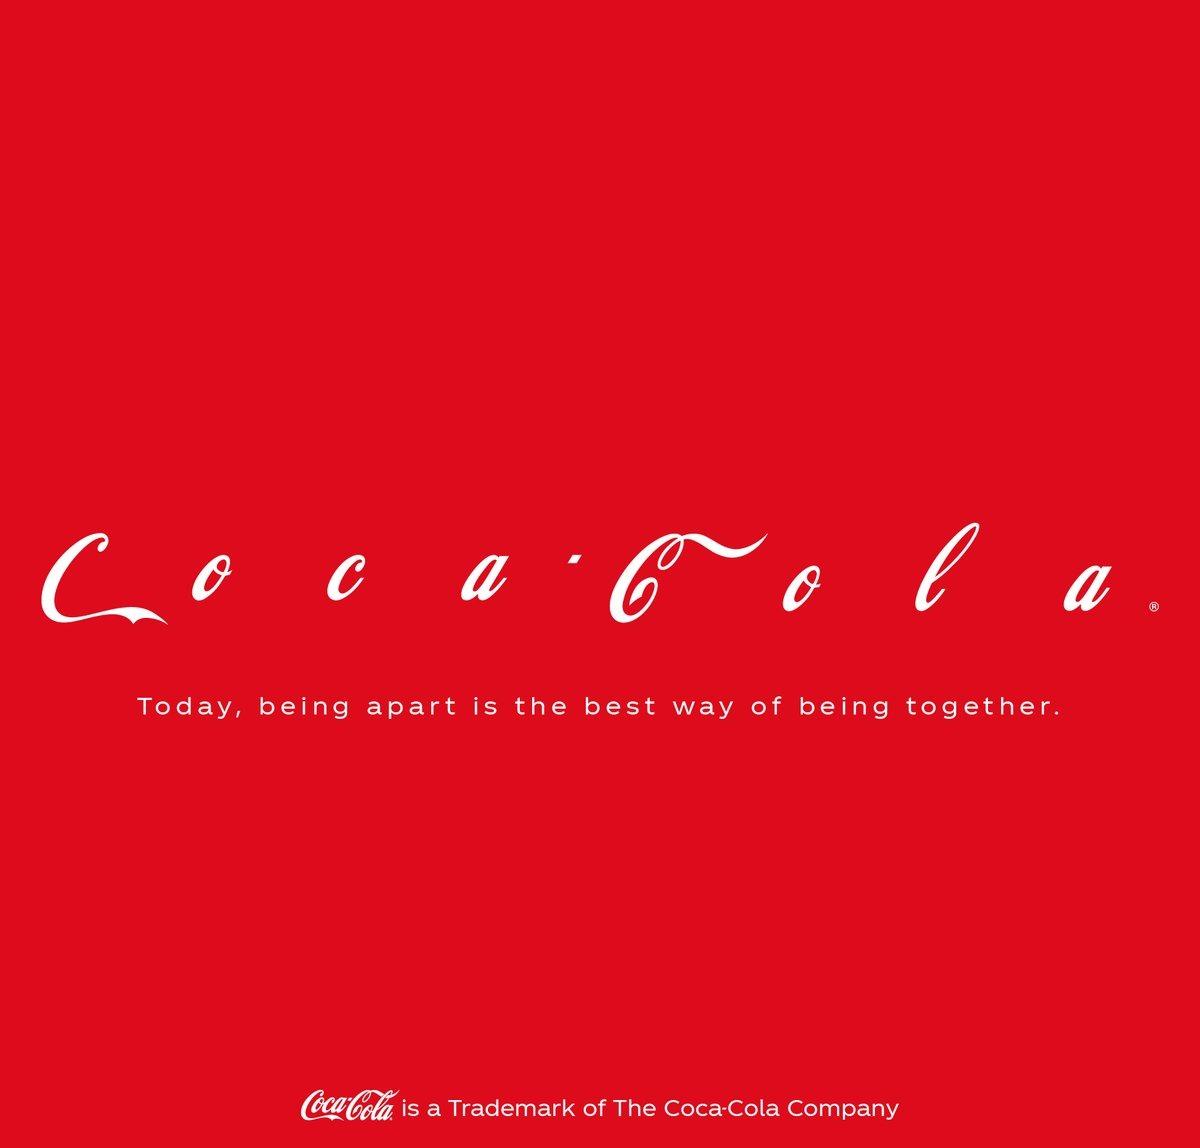 Coca-Cola'dan Sosyal Mesafenin Önemini Vurgulayan Dev Pano